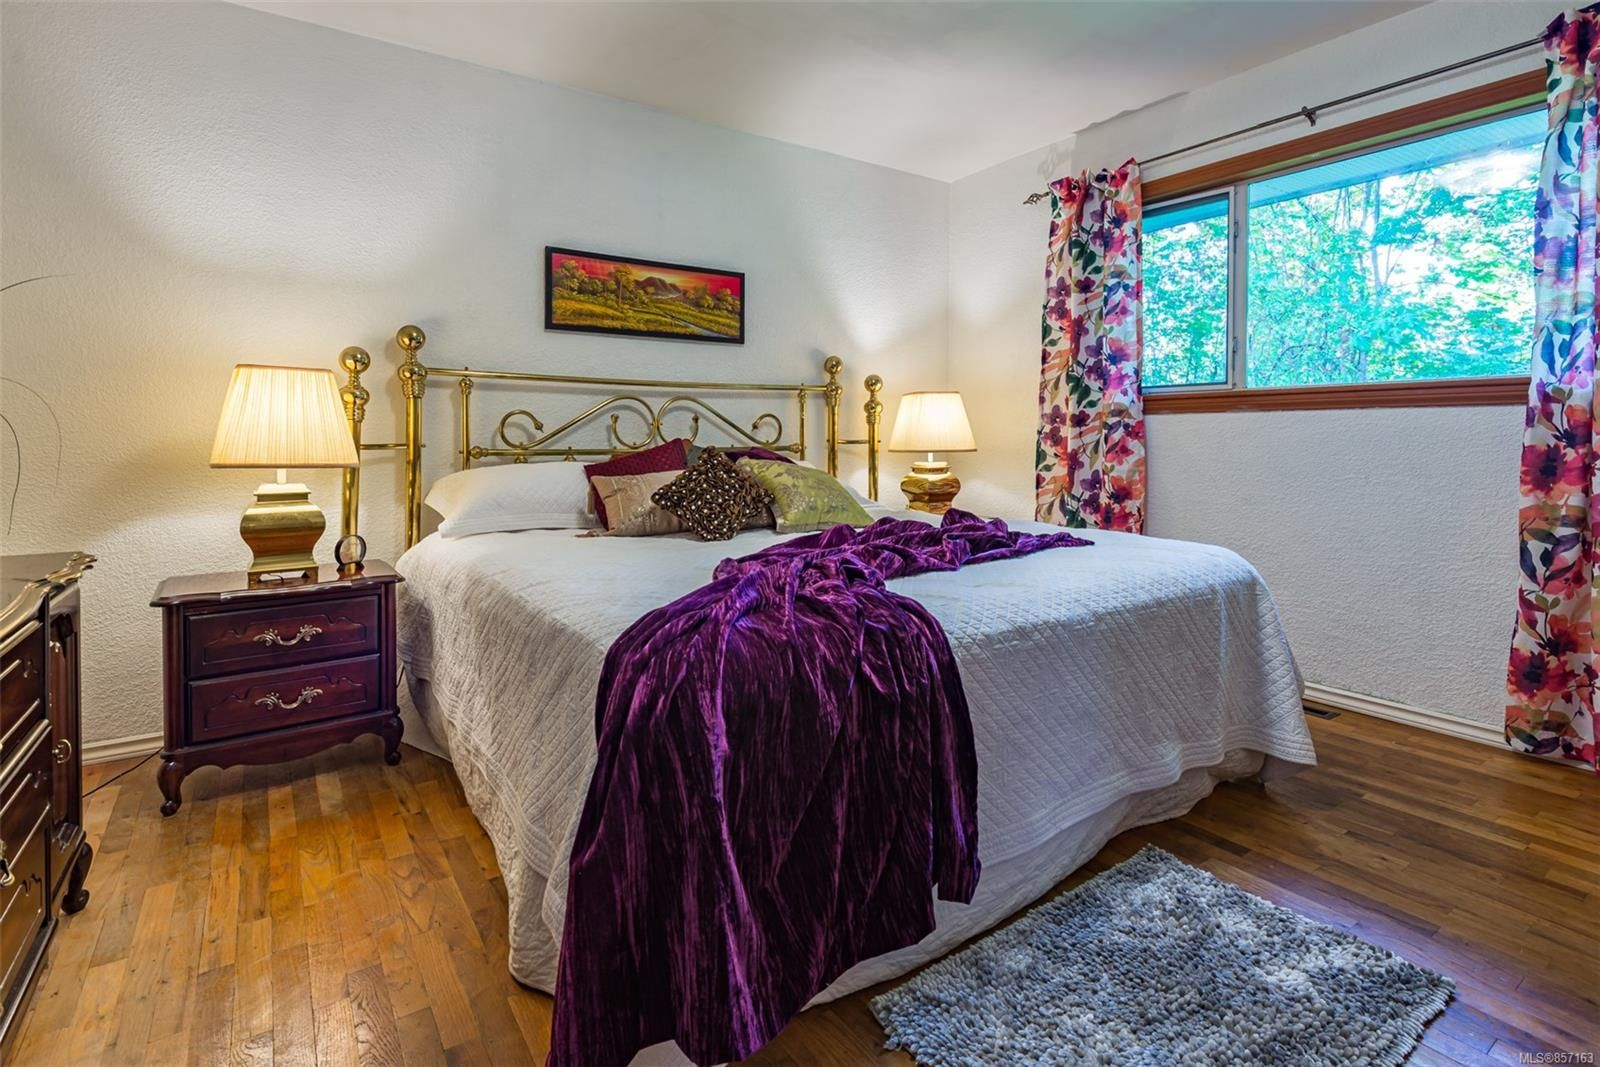 Photo 24: Photos: 4241 Buddington Rd in : CV Courtenay South House for sale (Comox Valley)  : MLS®# 857163